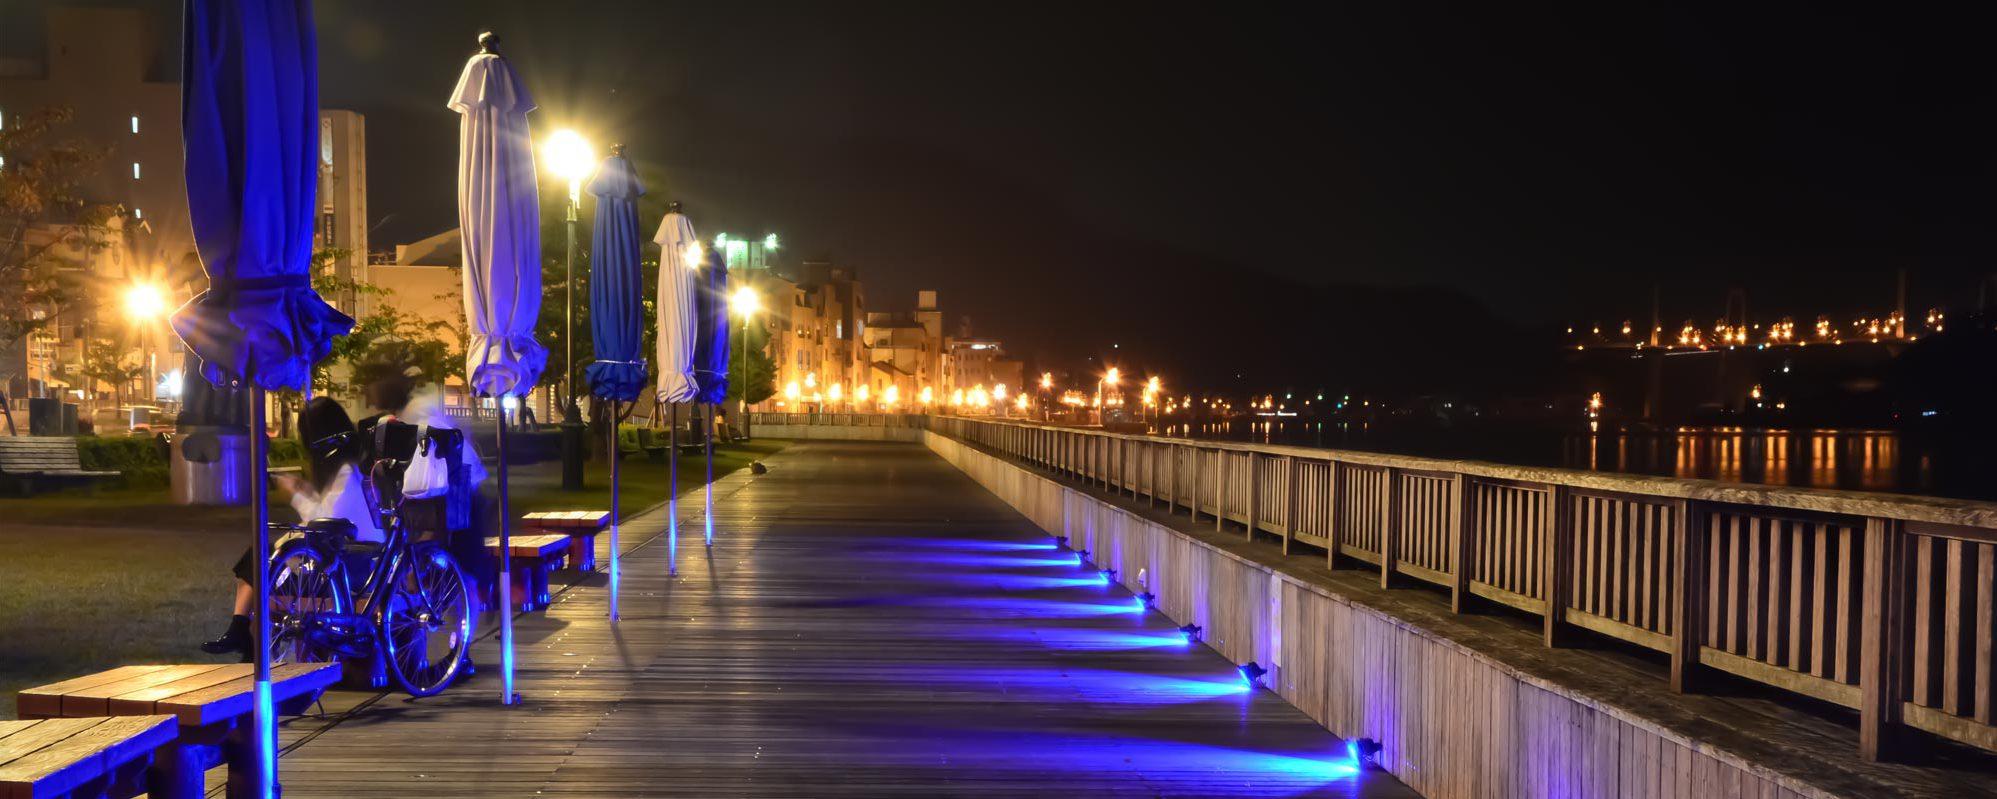 夜の海岸通り